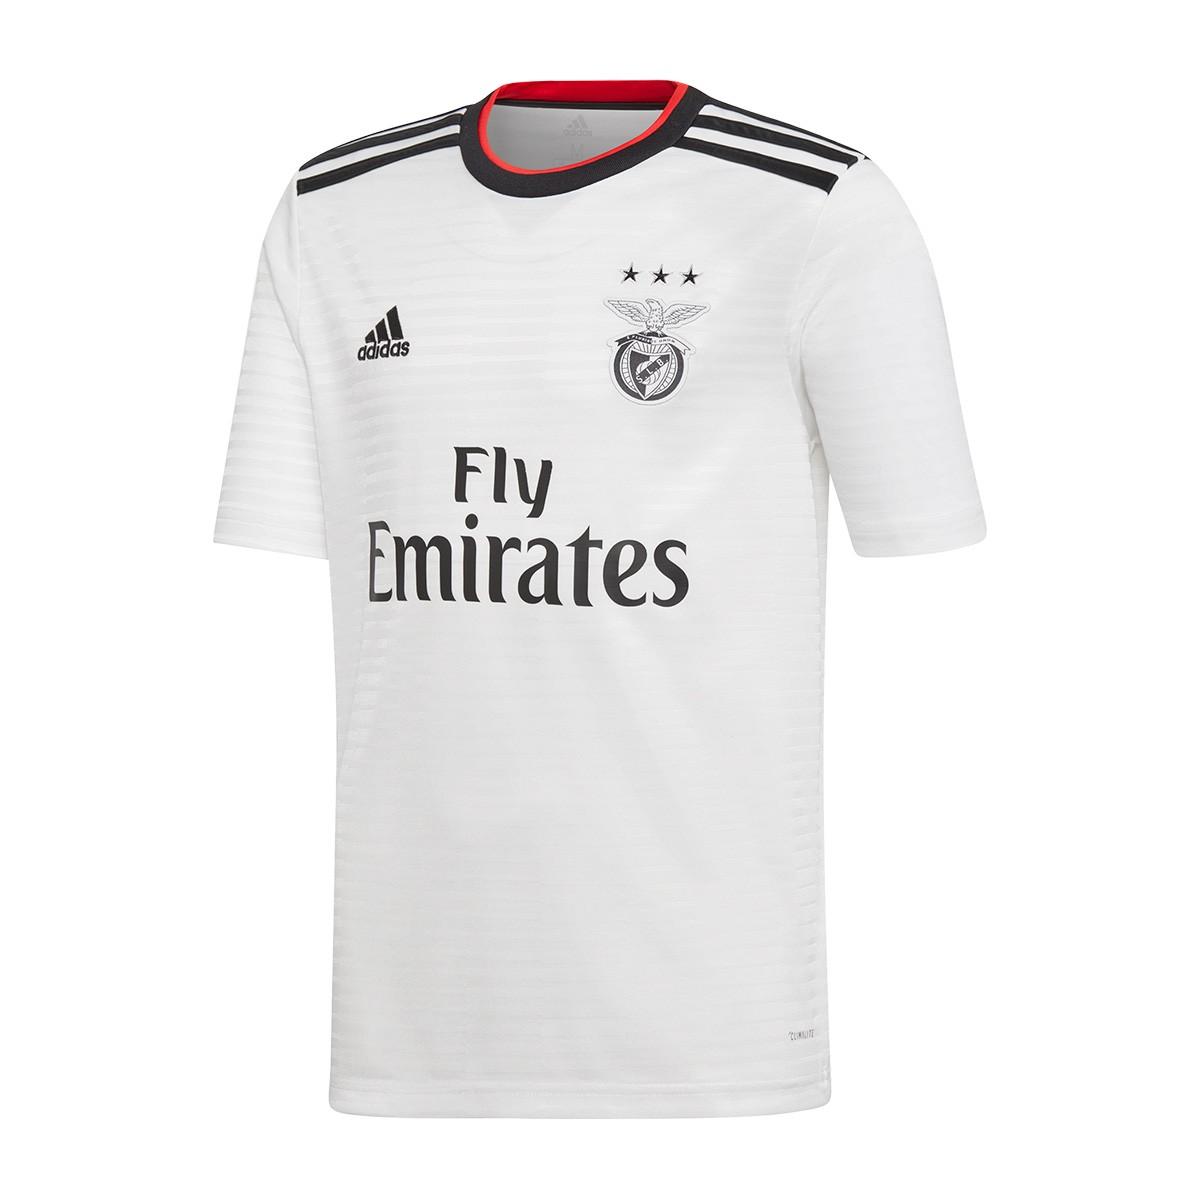 Camiseta SL Benfica Segunda Equipación 2018 2019 Niño White Black Benfica red